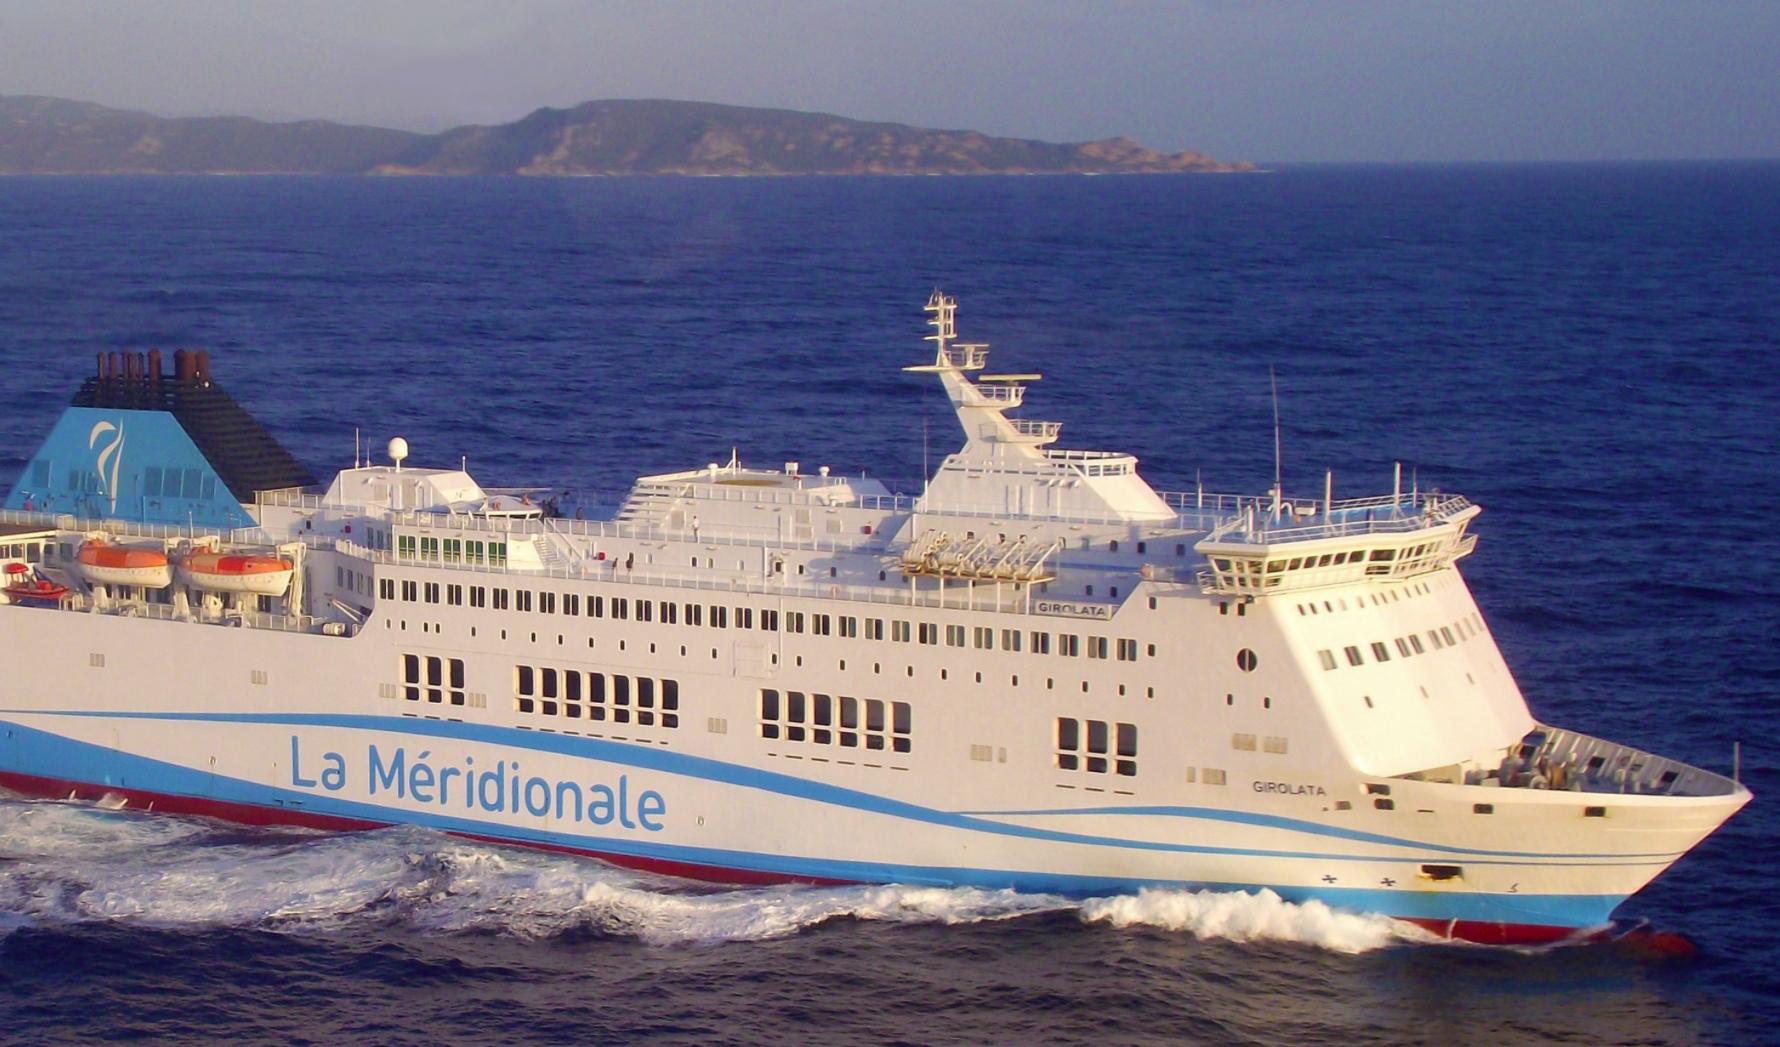 将La Méridionale运输公司网站翻译成3种语言(意大利语、英语、西班牙语)